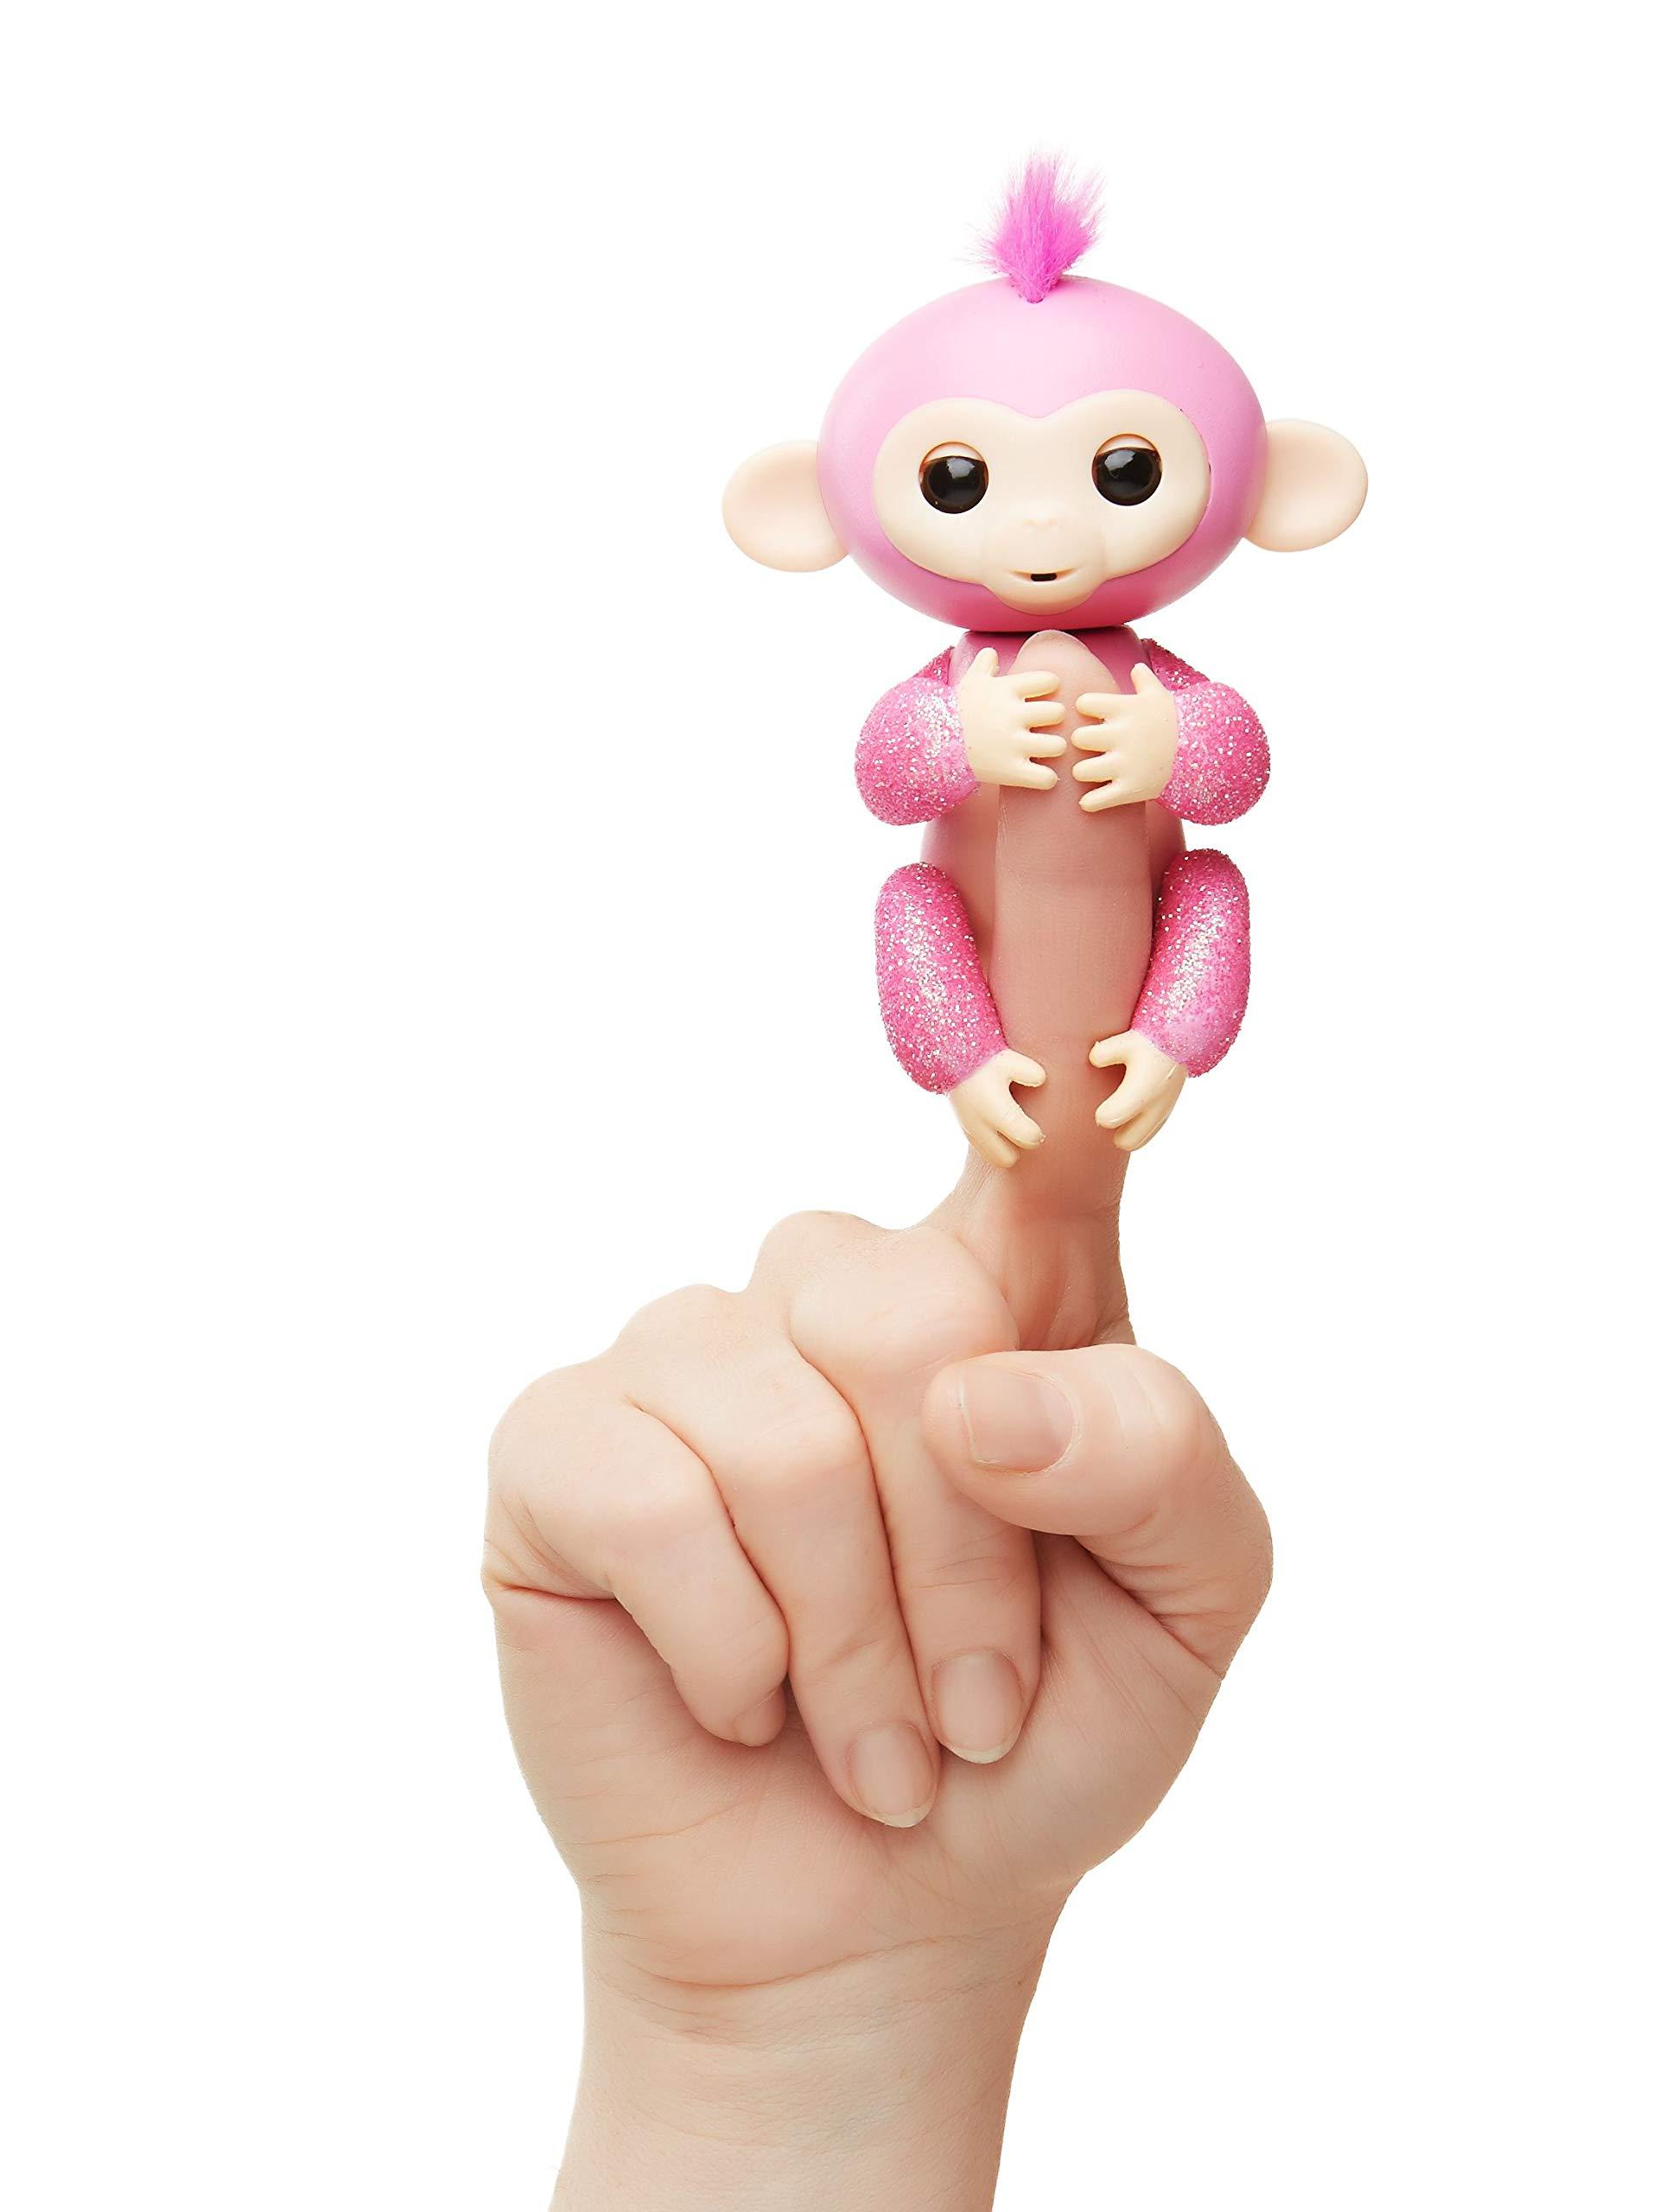 Fingerlings Glitter Monkey Interactive WowWee